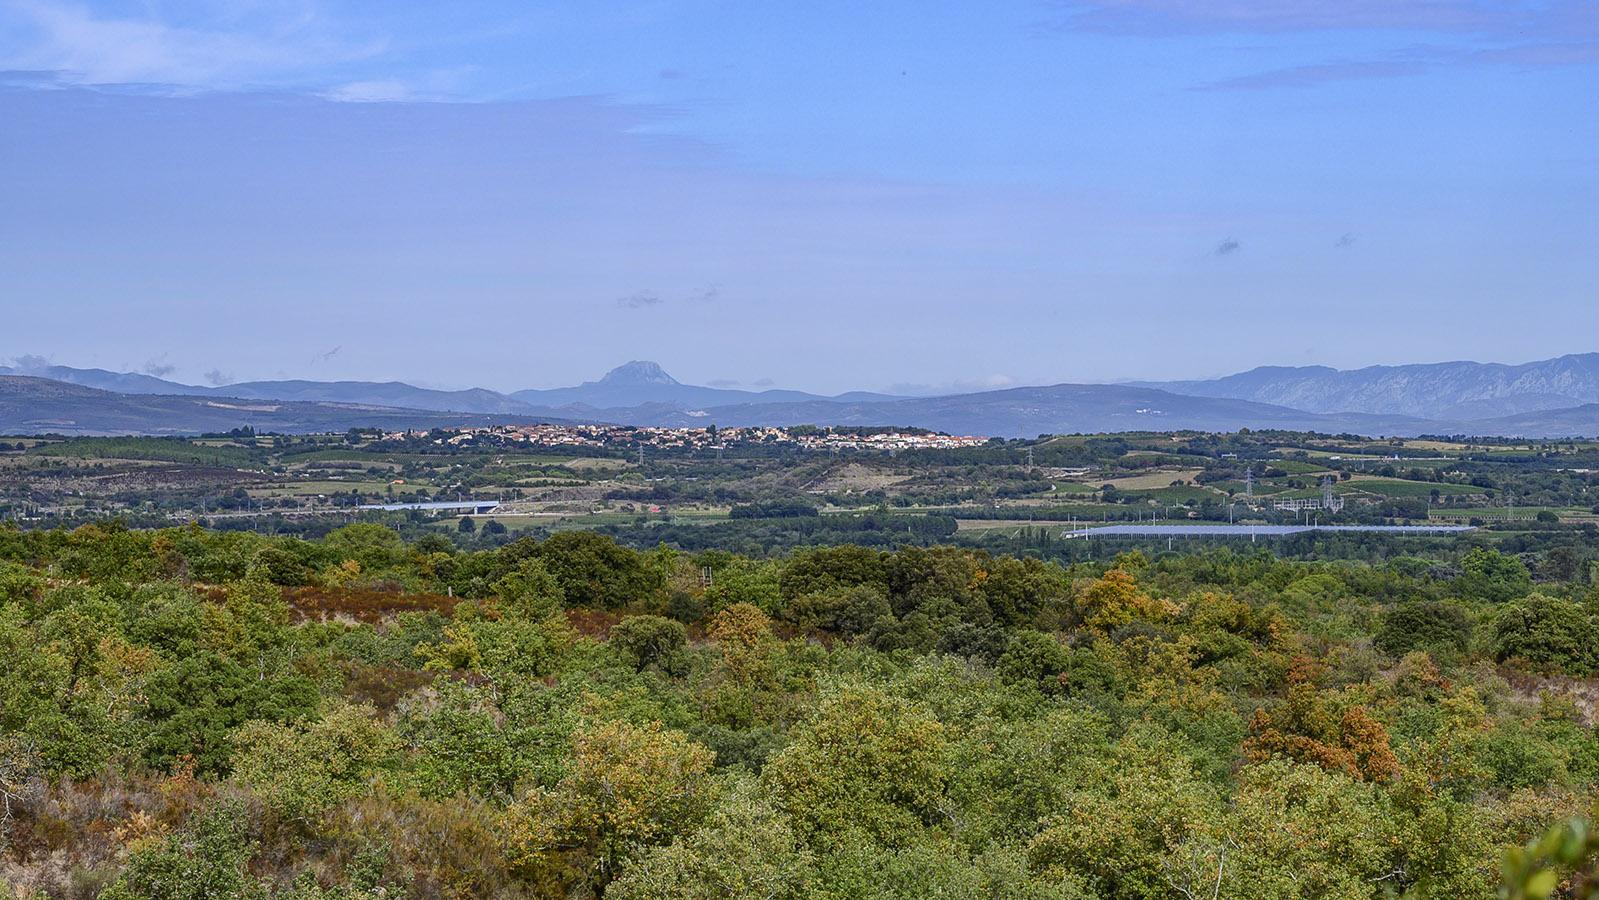 Die Aussicht von den Albères auf die Ebene des Roussillon und die Berge der Corbières mit dem Pech de Bugarach. Foto: Hilke Maunder